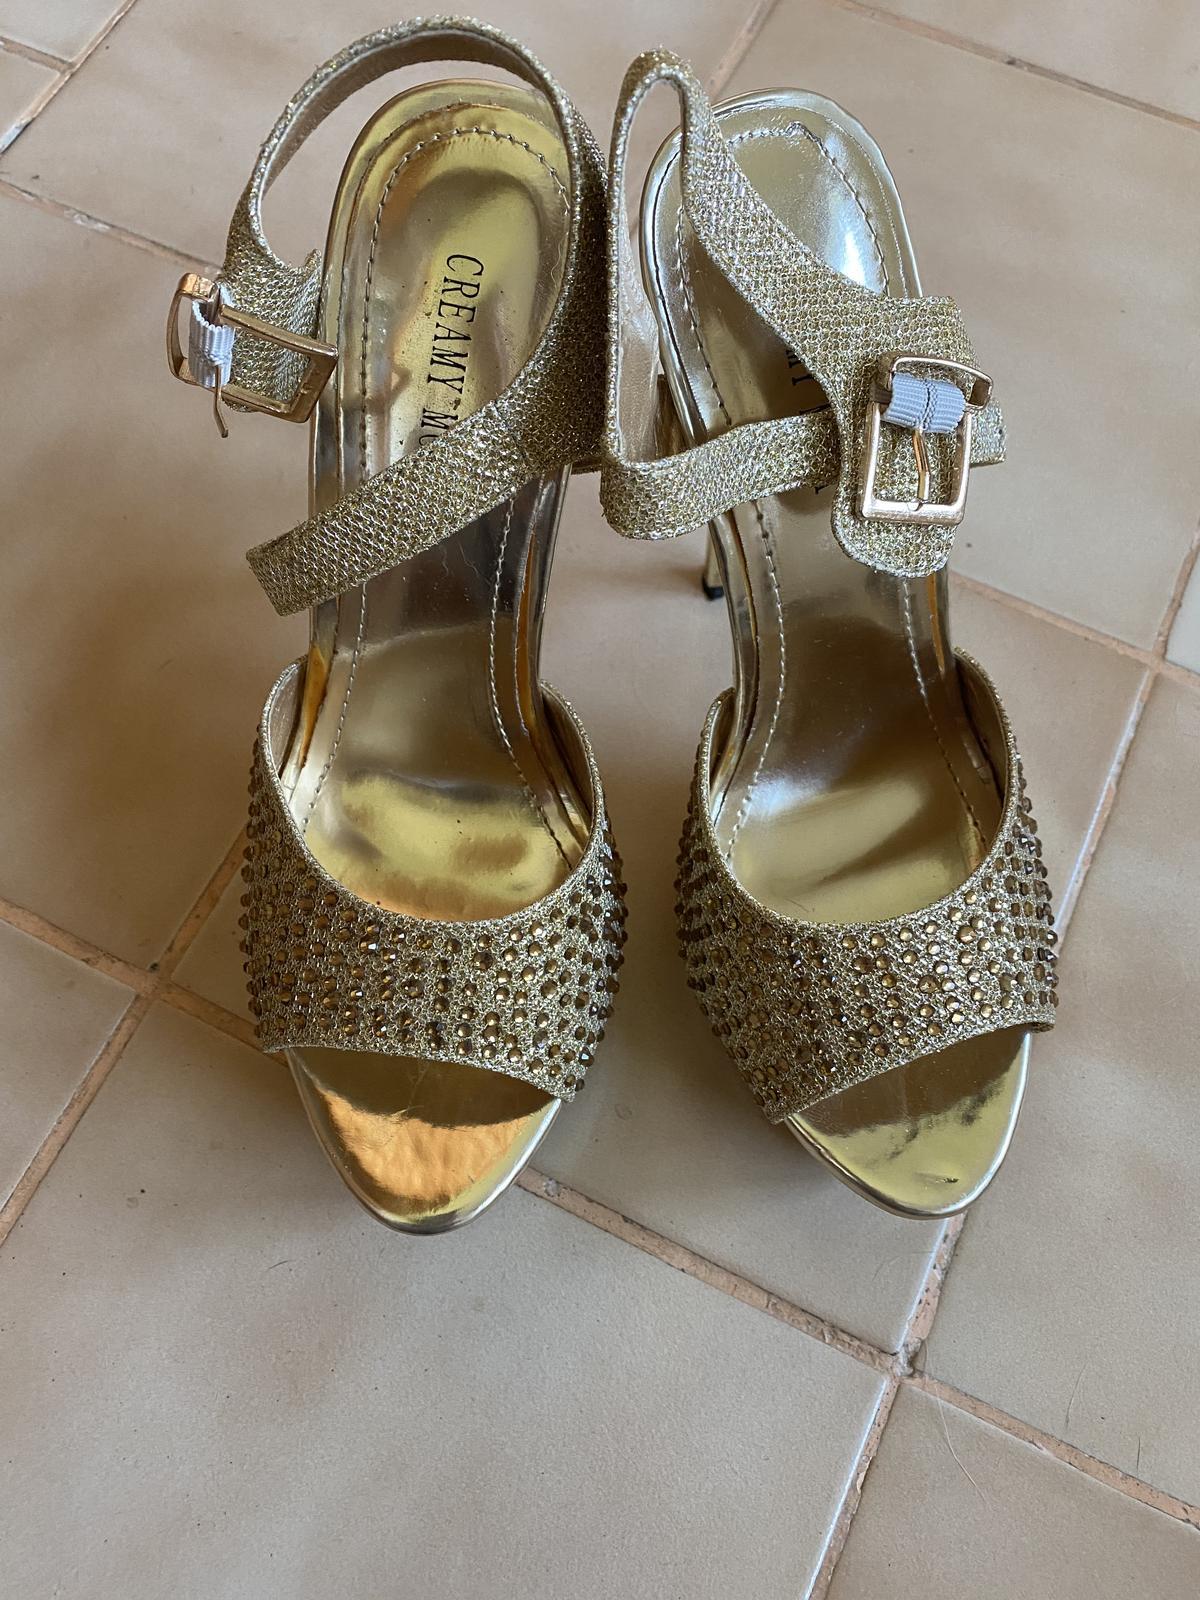 Zlaté sandálky veľkosť č. 37 - Obrázok č. 1